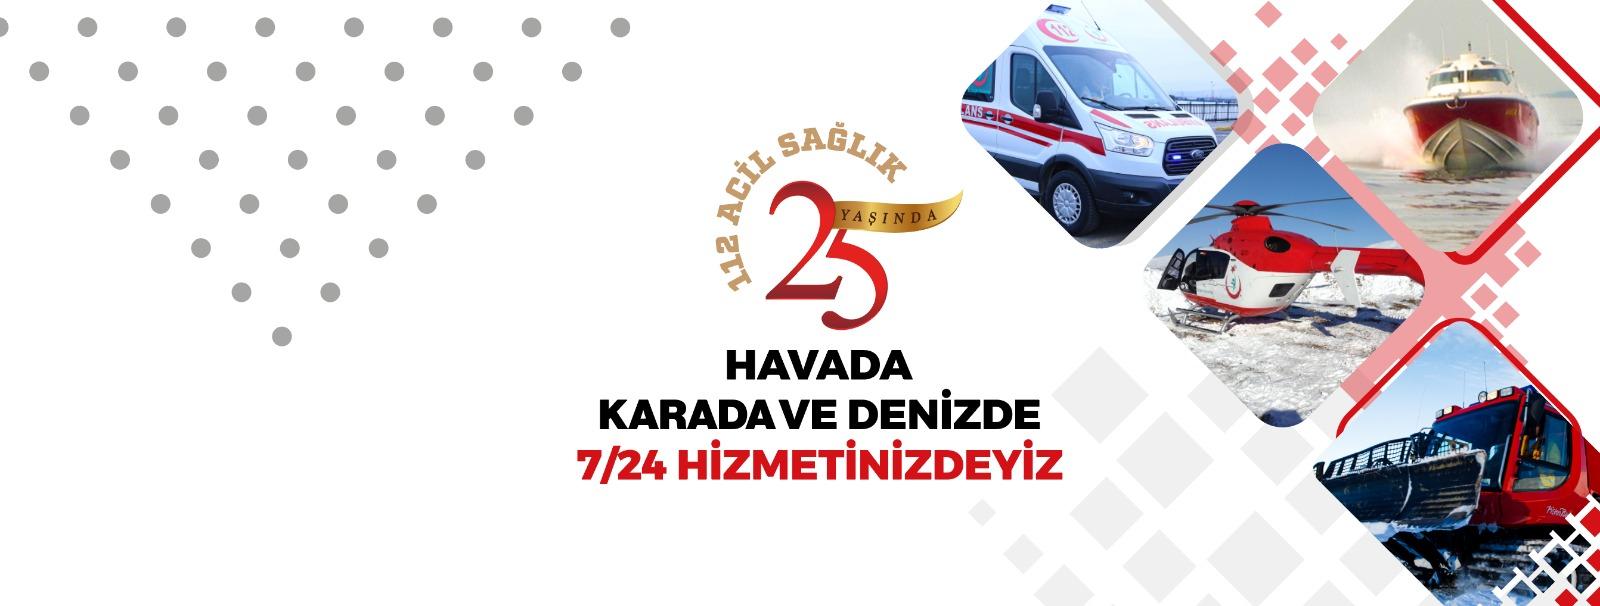 1-7 Aralık Acil Sağlık Hizmetleri Haftası (25. Yıl)